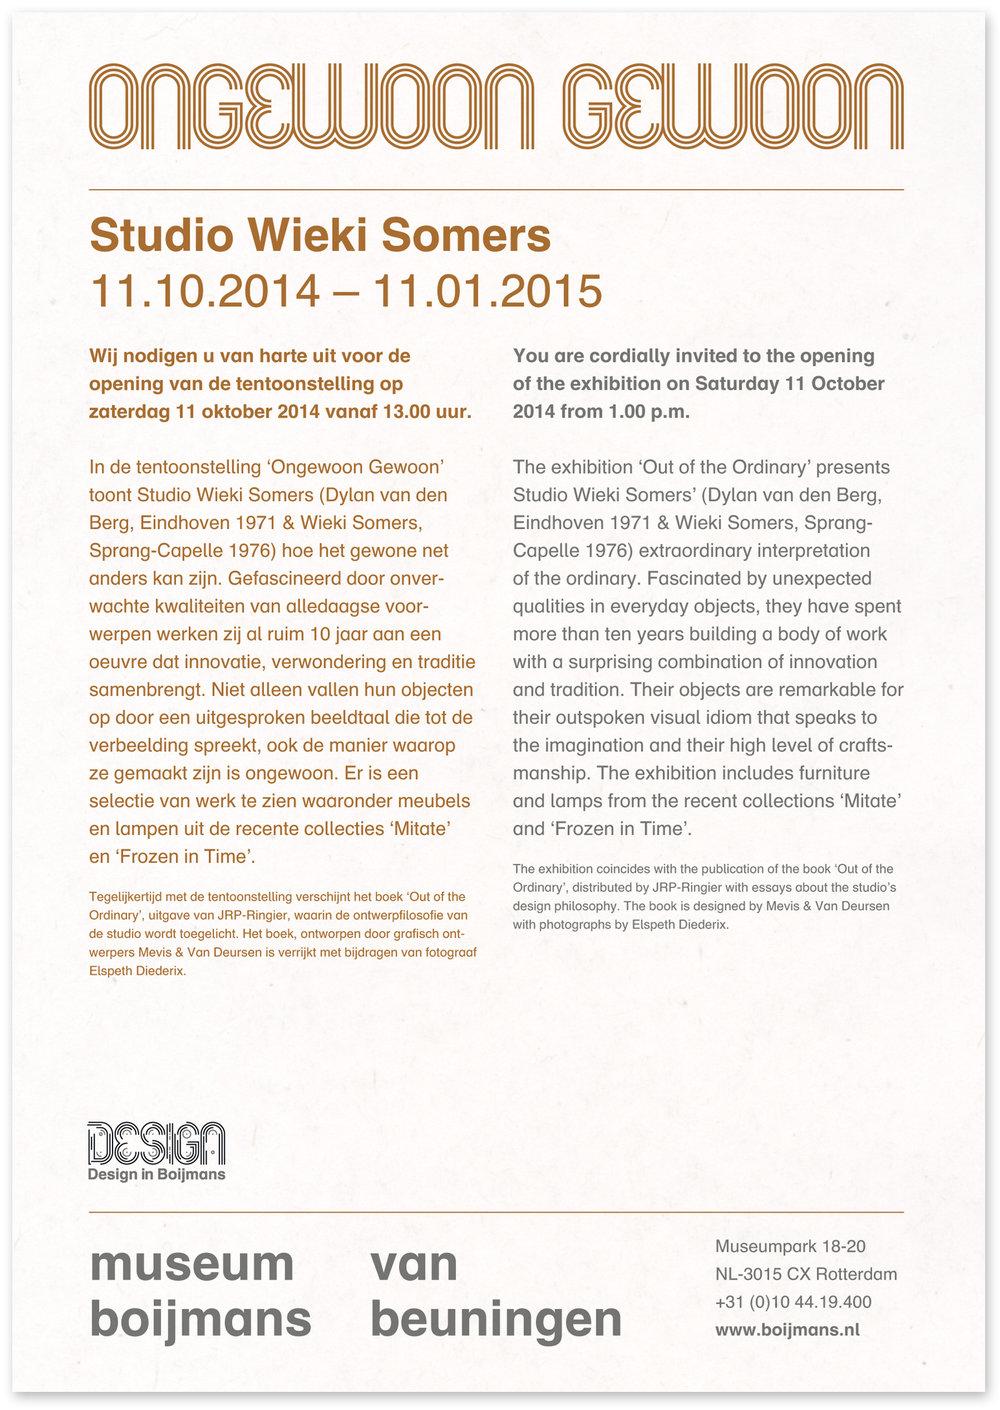 studio_colorado-boijmans_van_beuningen-flyer_wieki_somers-2